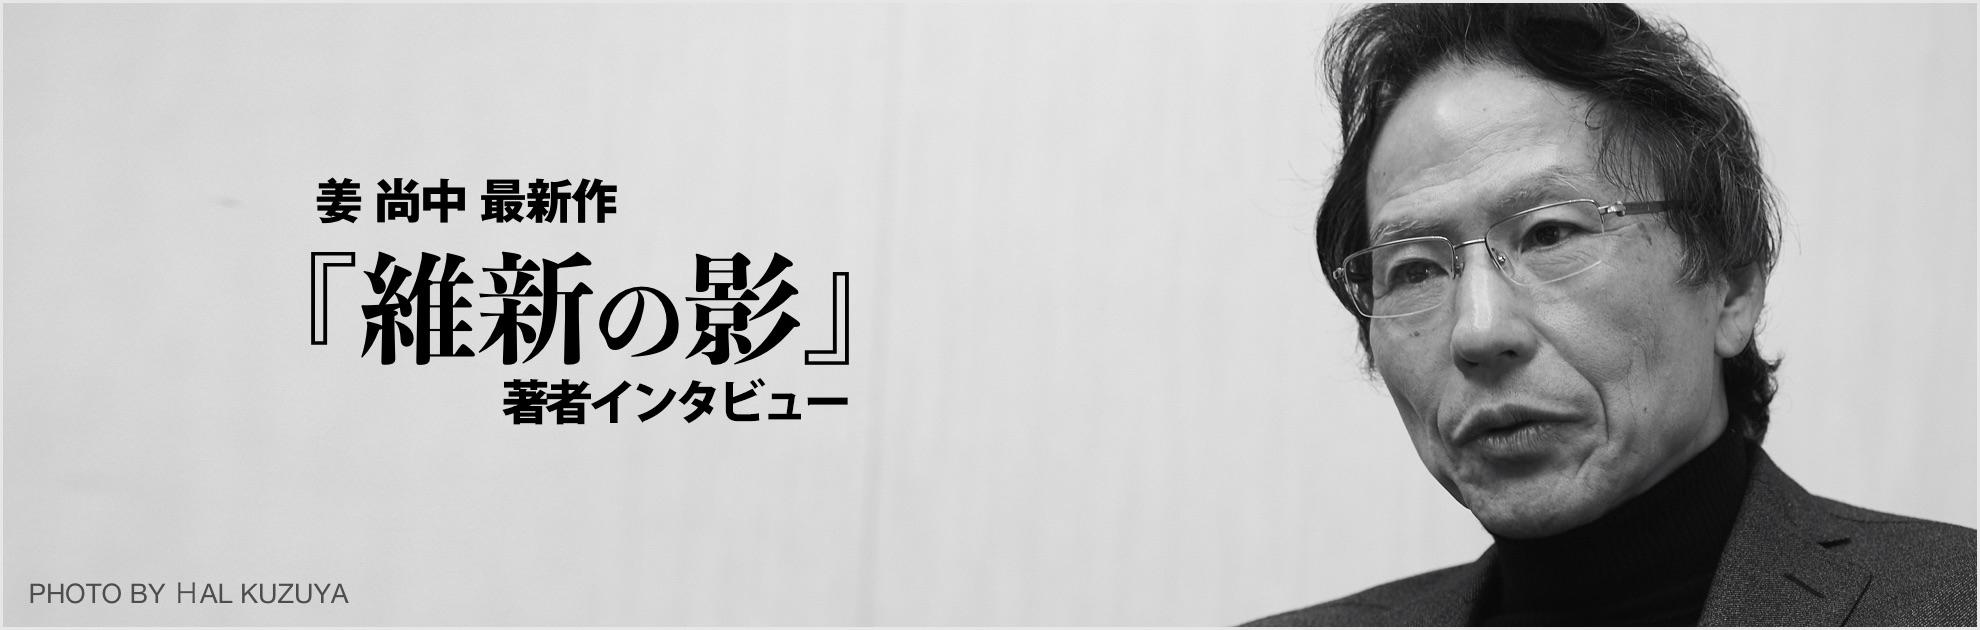 日本近代の〝記憶の痕跡〟をたどる